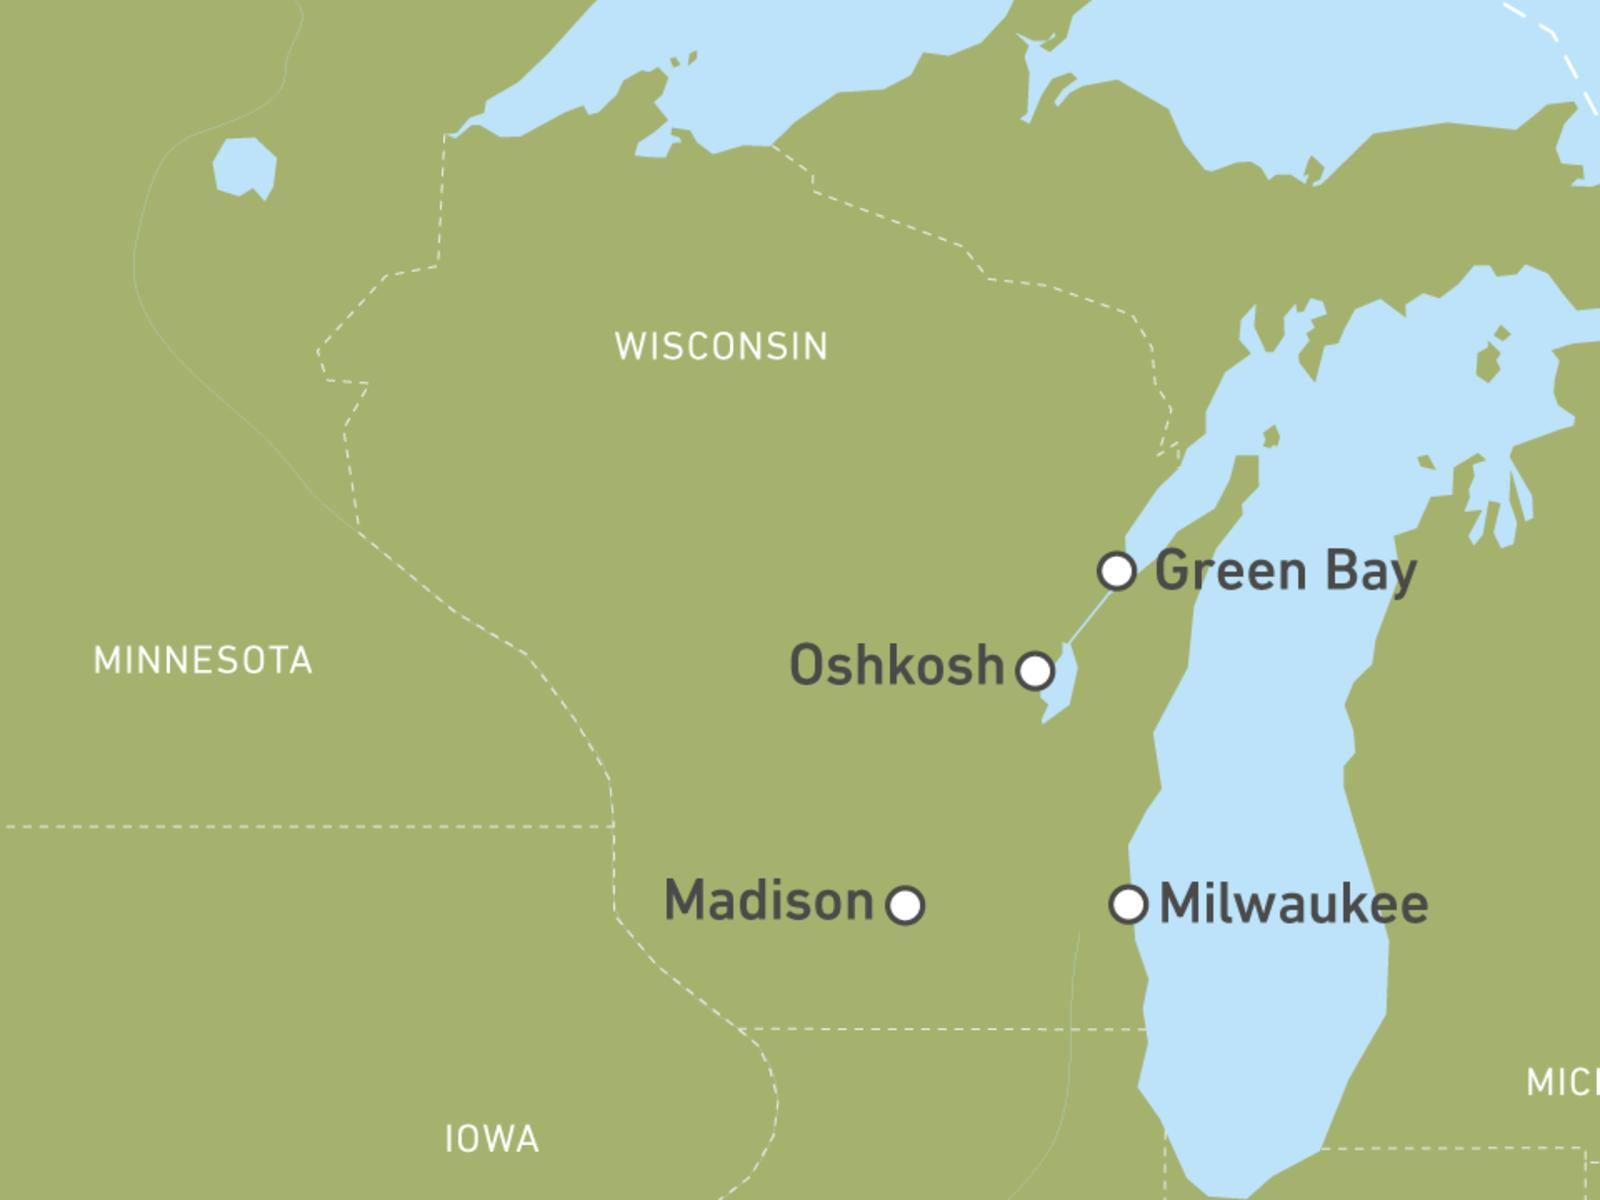 Beste Karte Der Vereinigten Staaten Färbung Seite Fotos - Beispiel ...